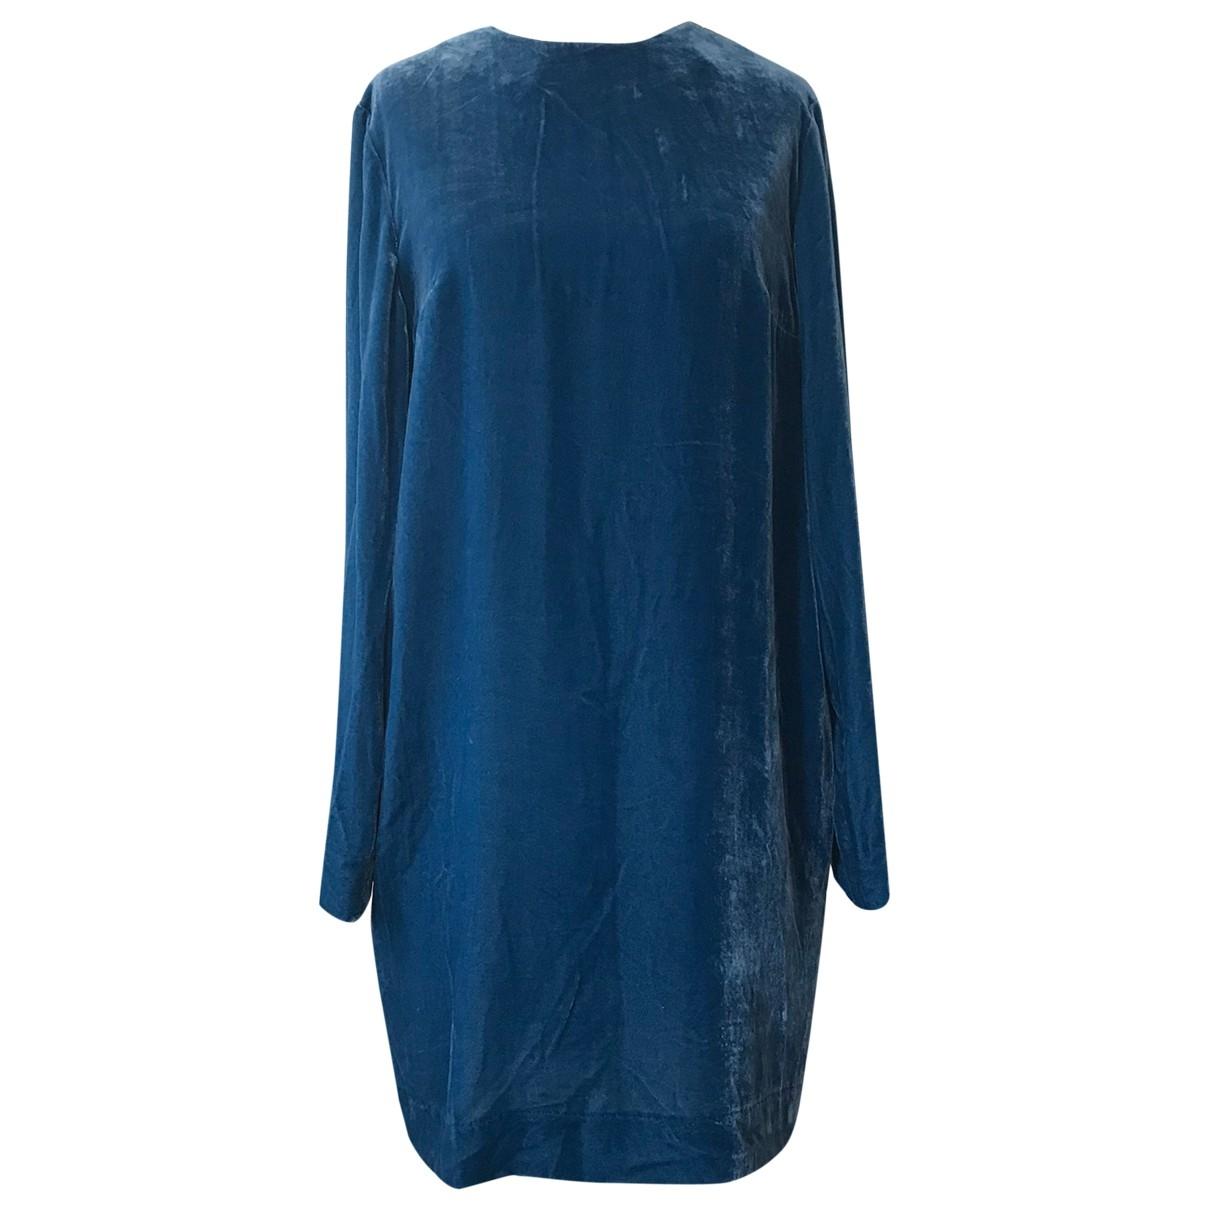 Cos - Robe   pour femme en velours - turquoise